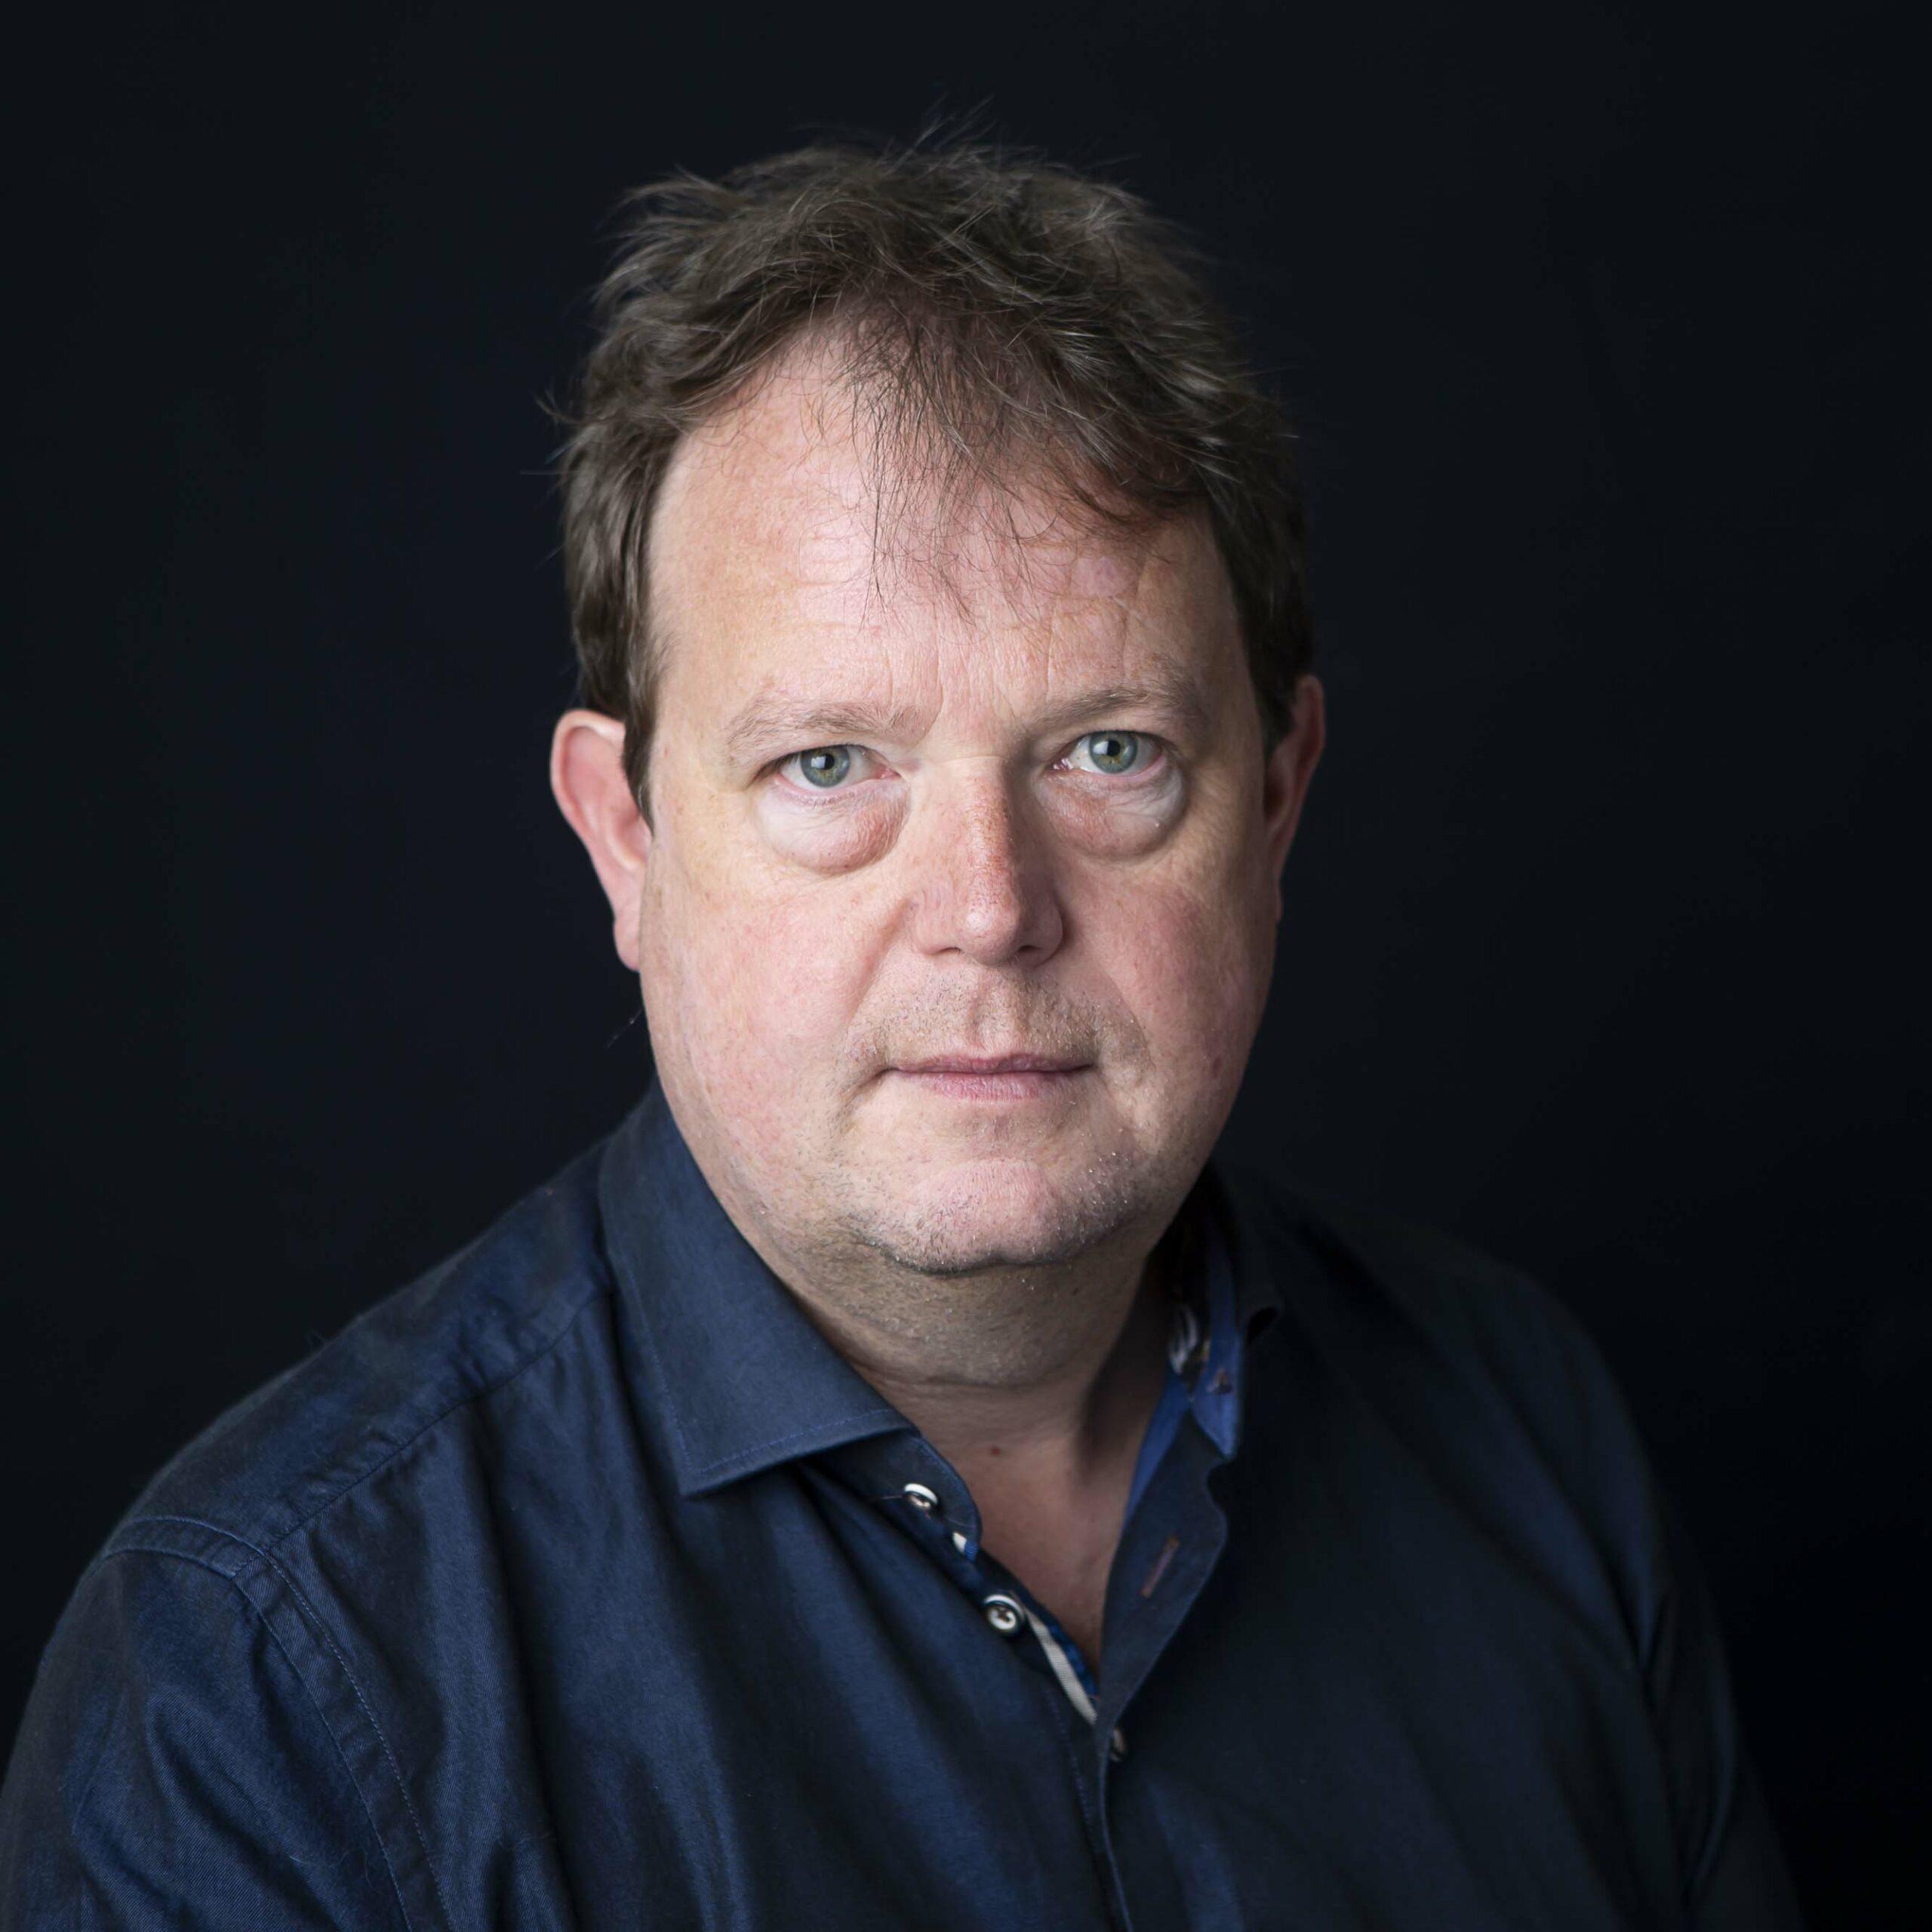 Wim Paulussen